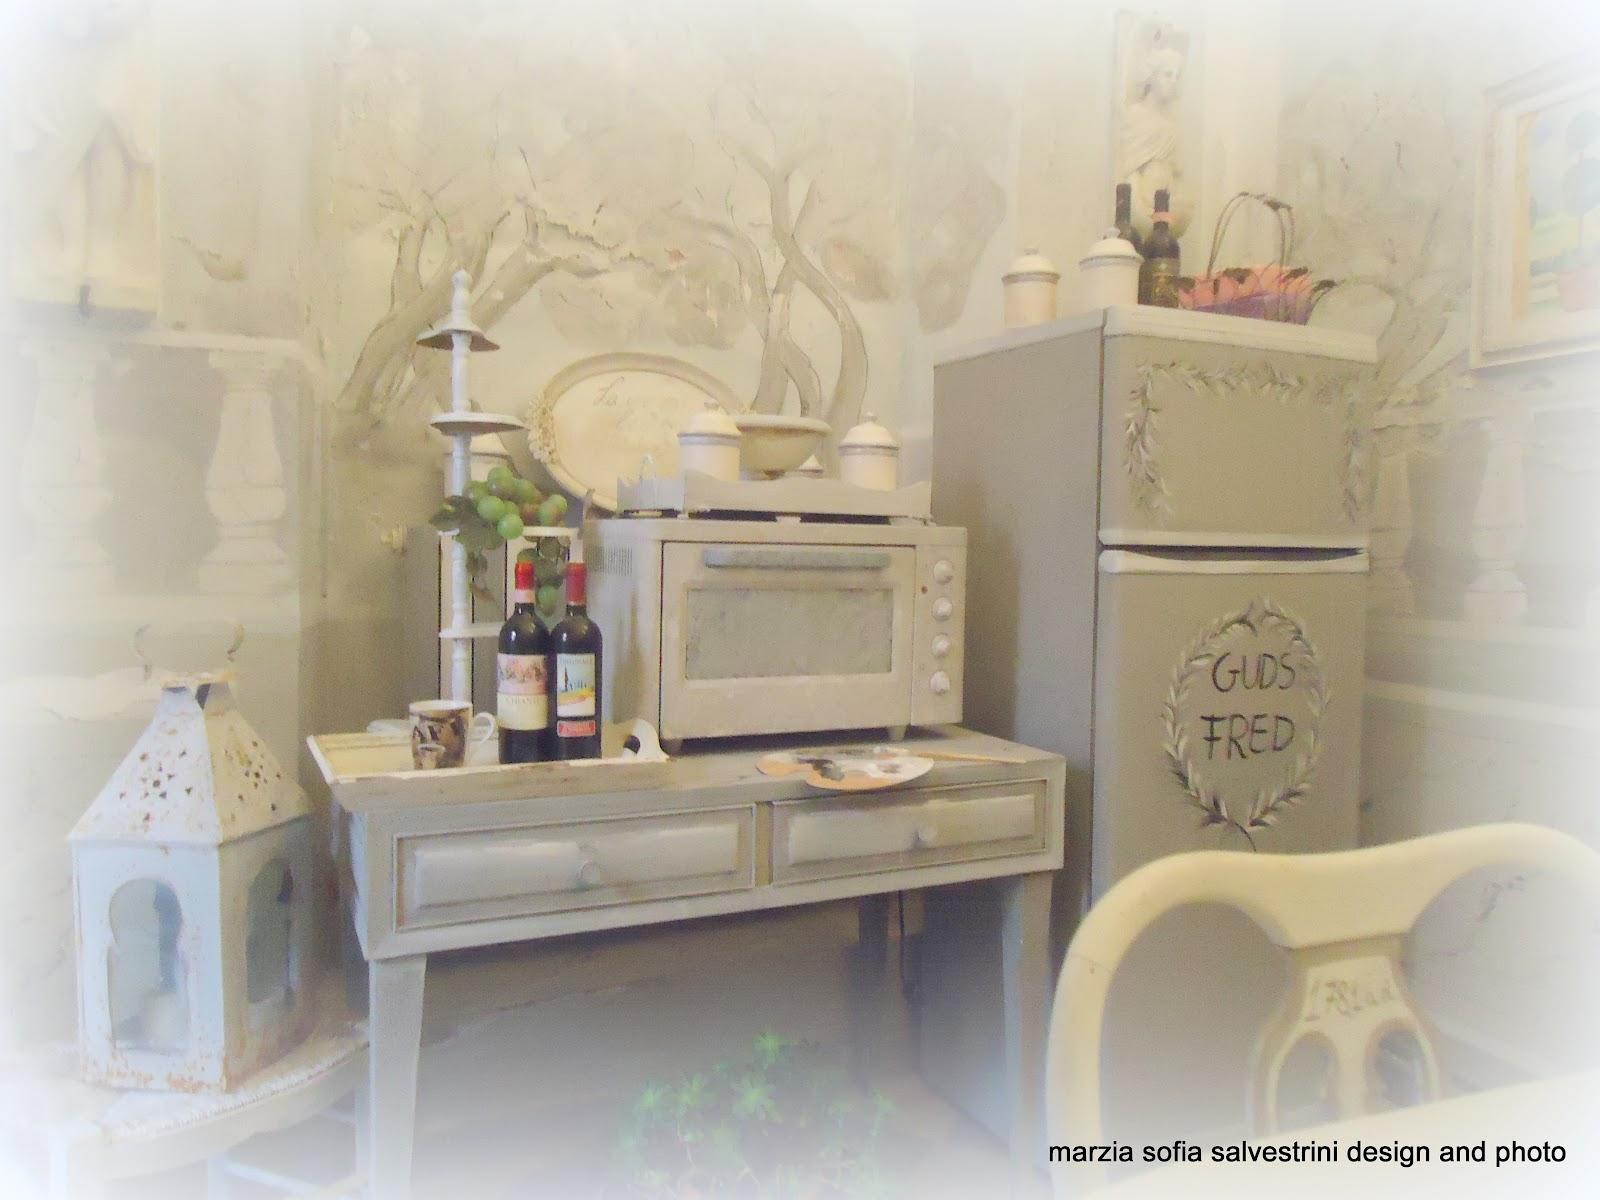 Famoso Un vecchio frigo diventa Gustaviano, NW36